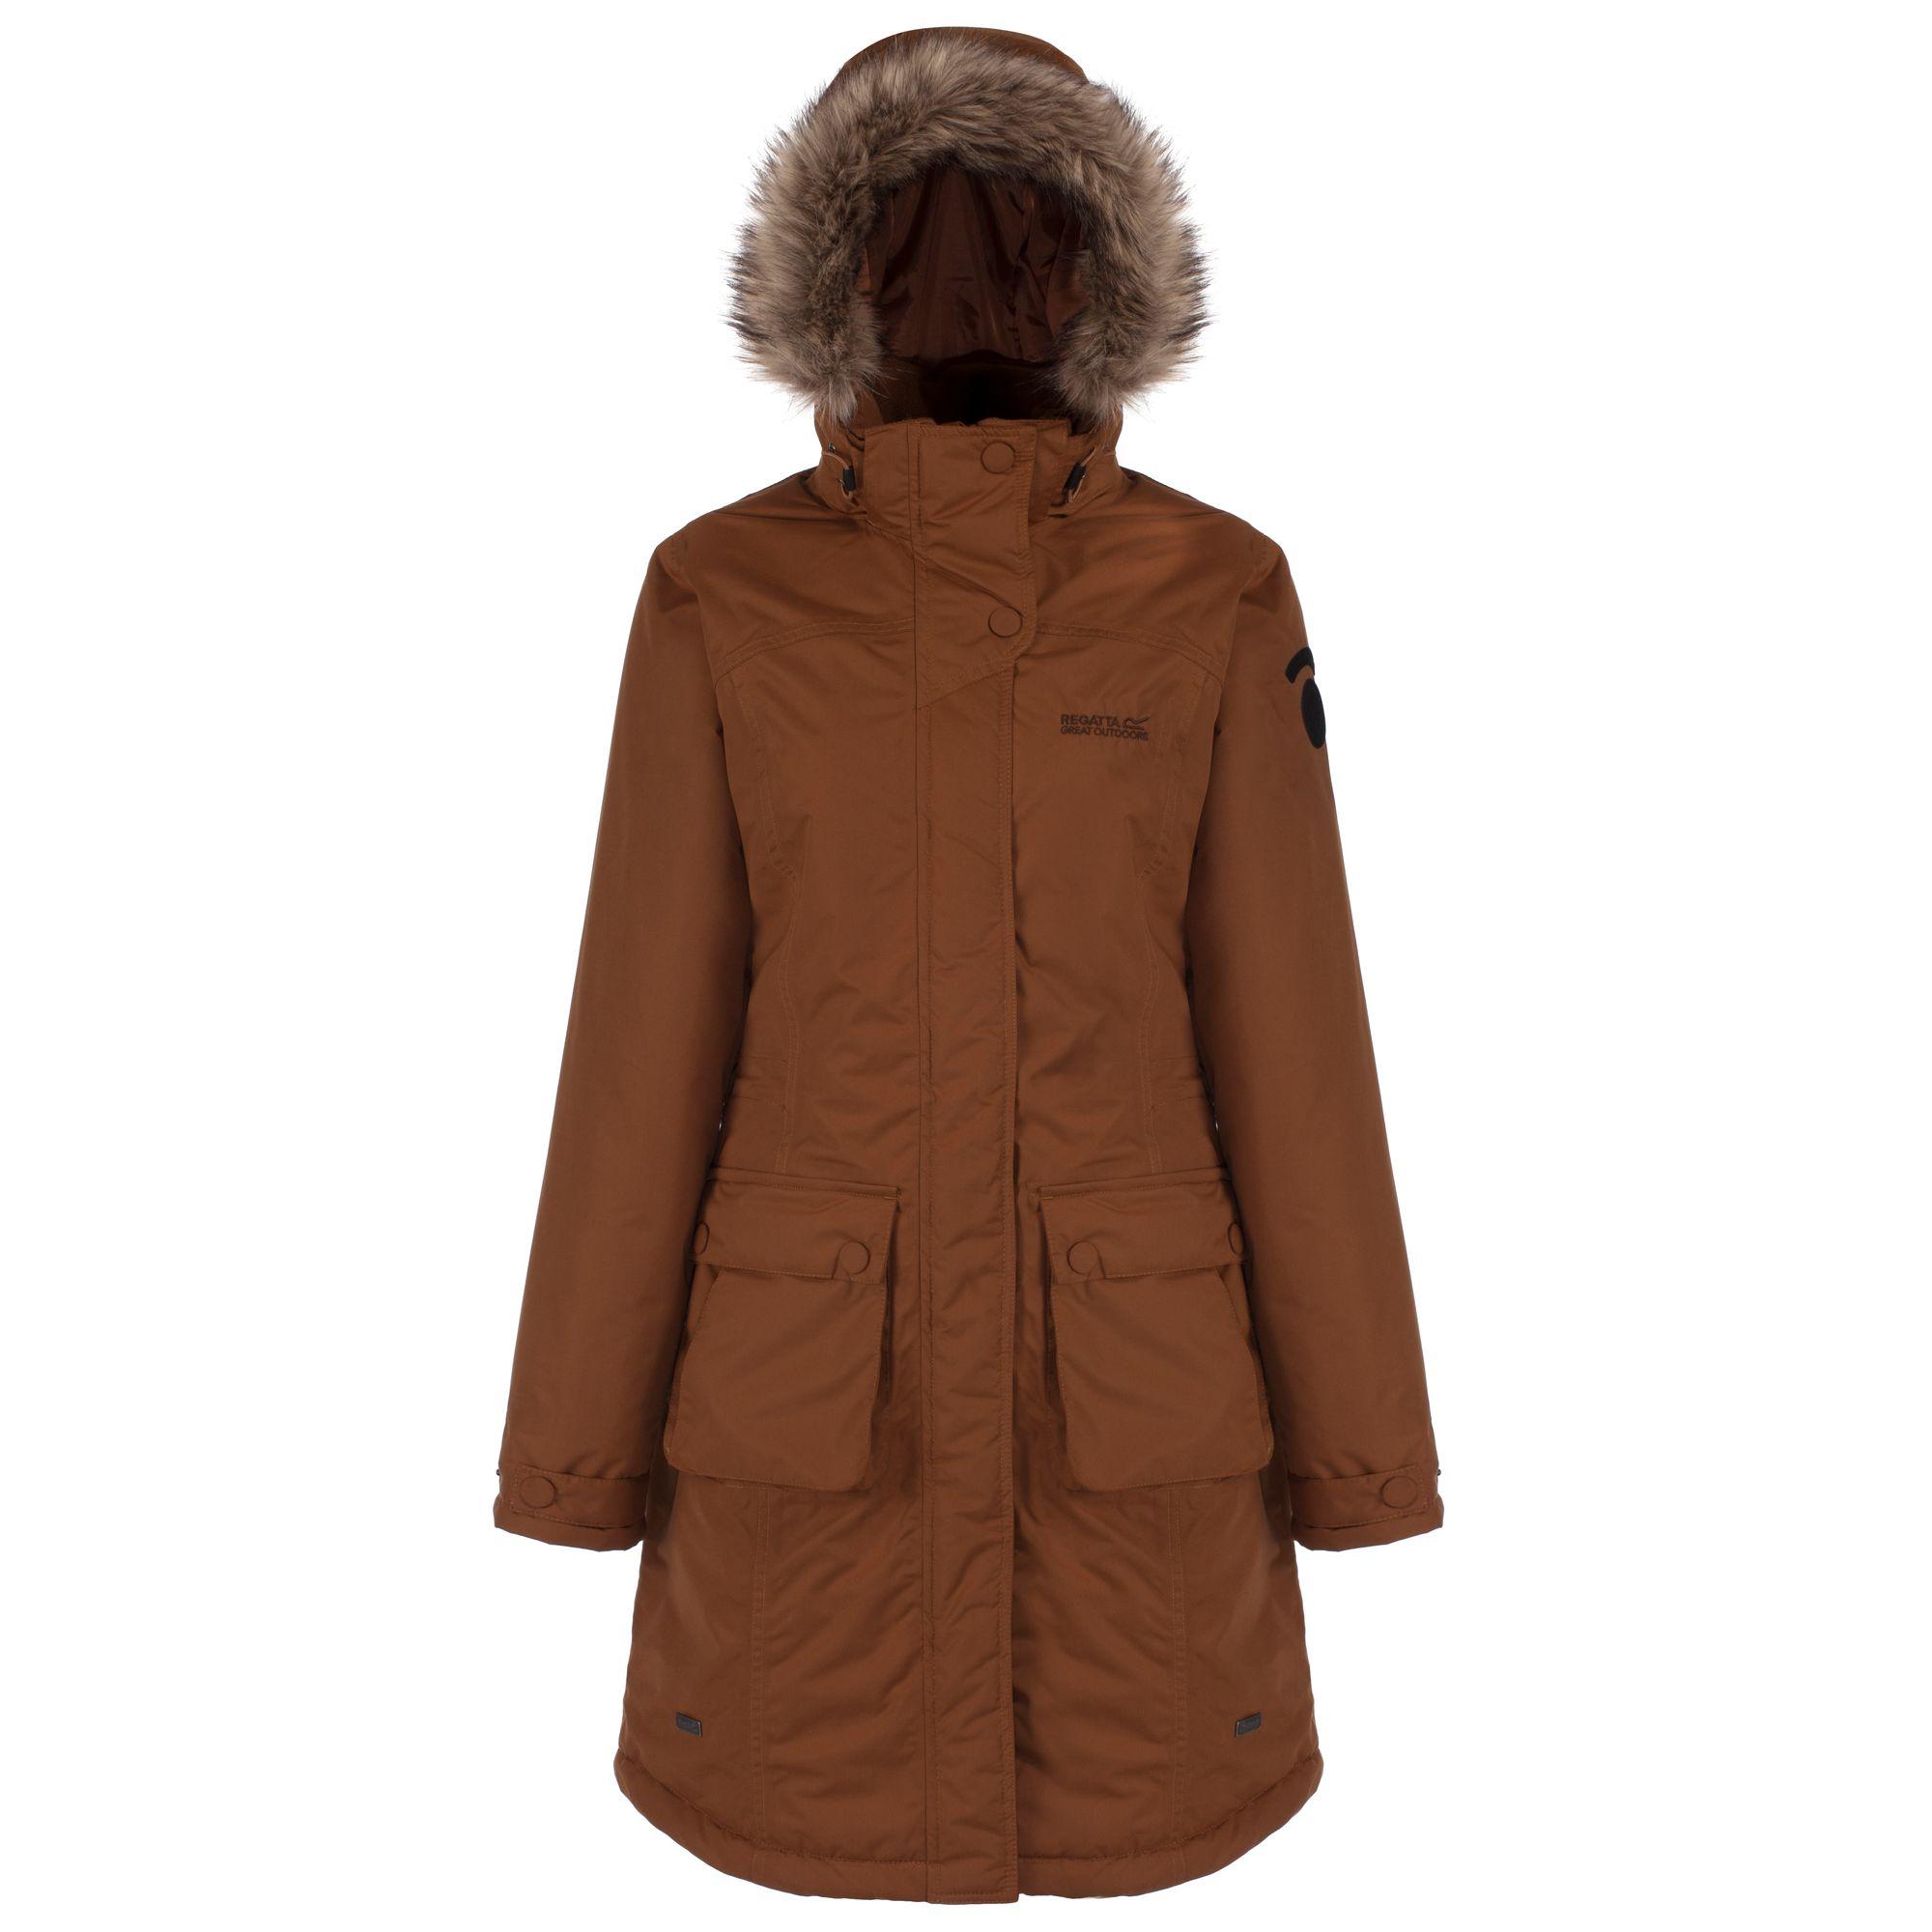 Womens outdoor coat